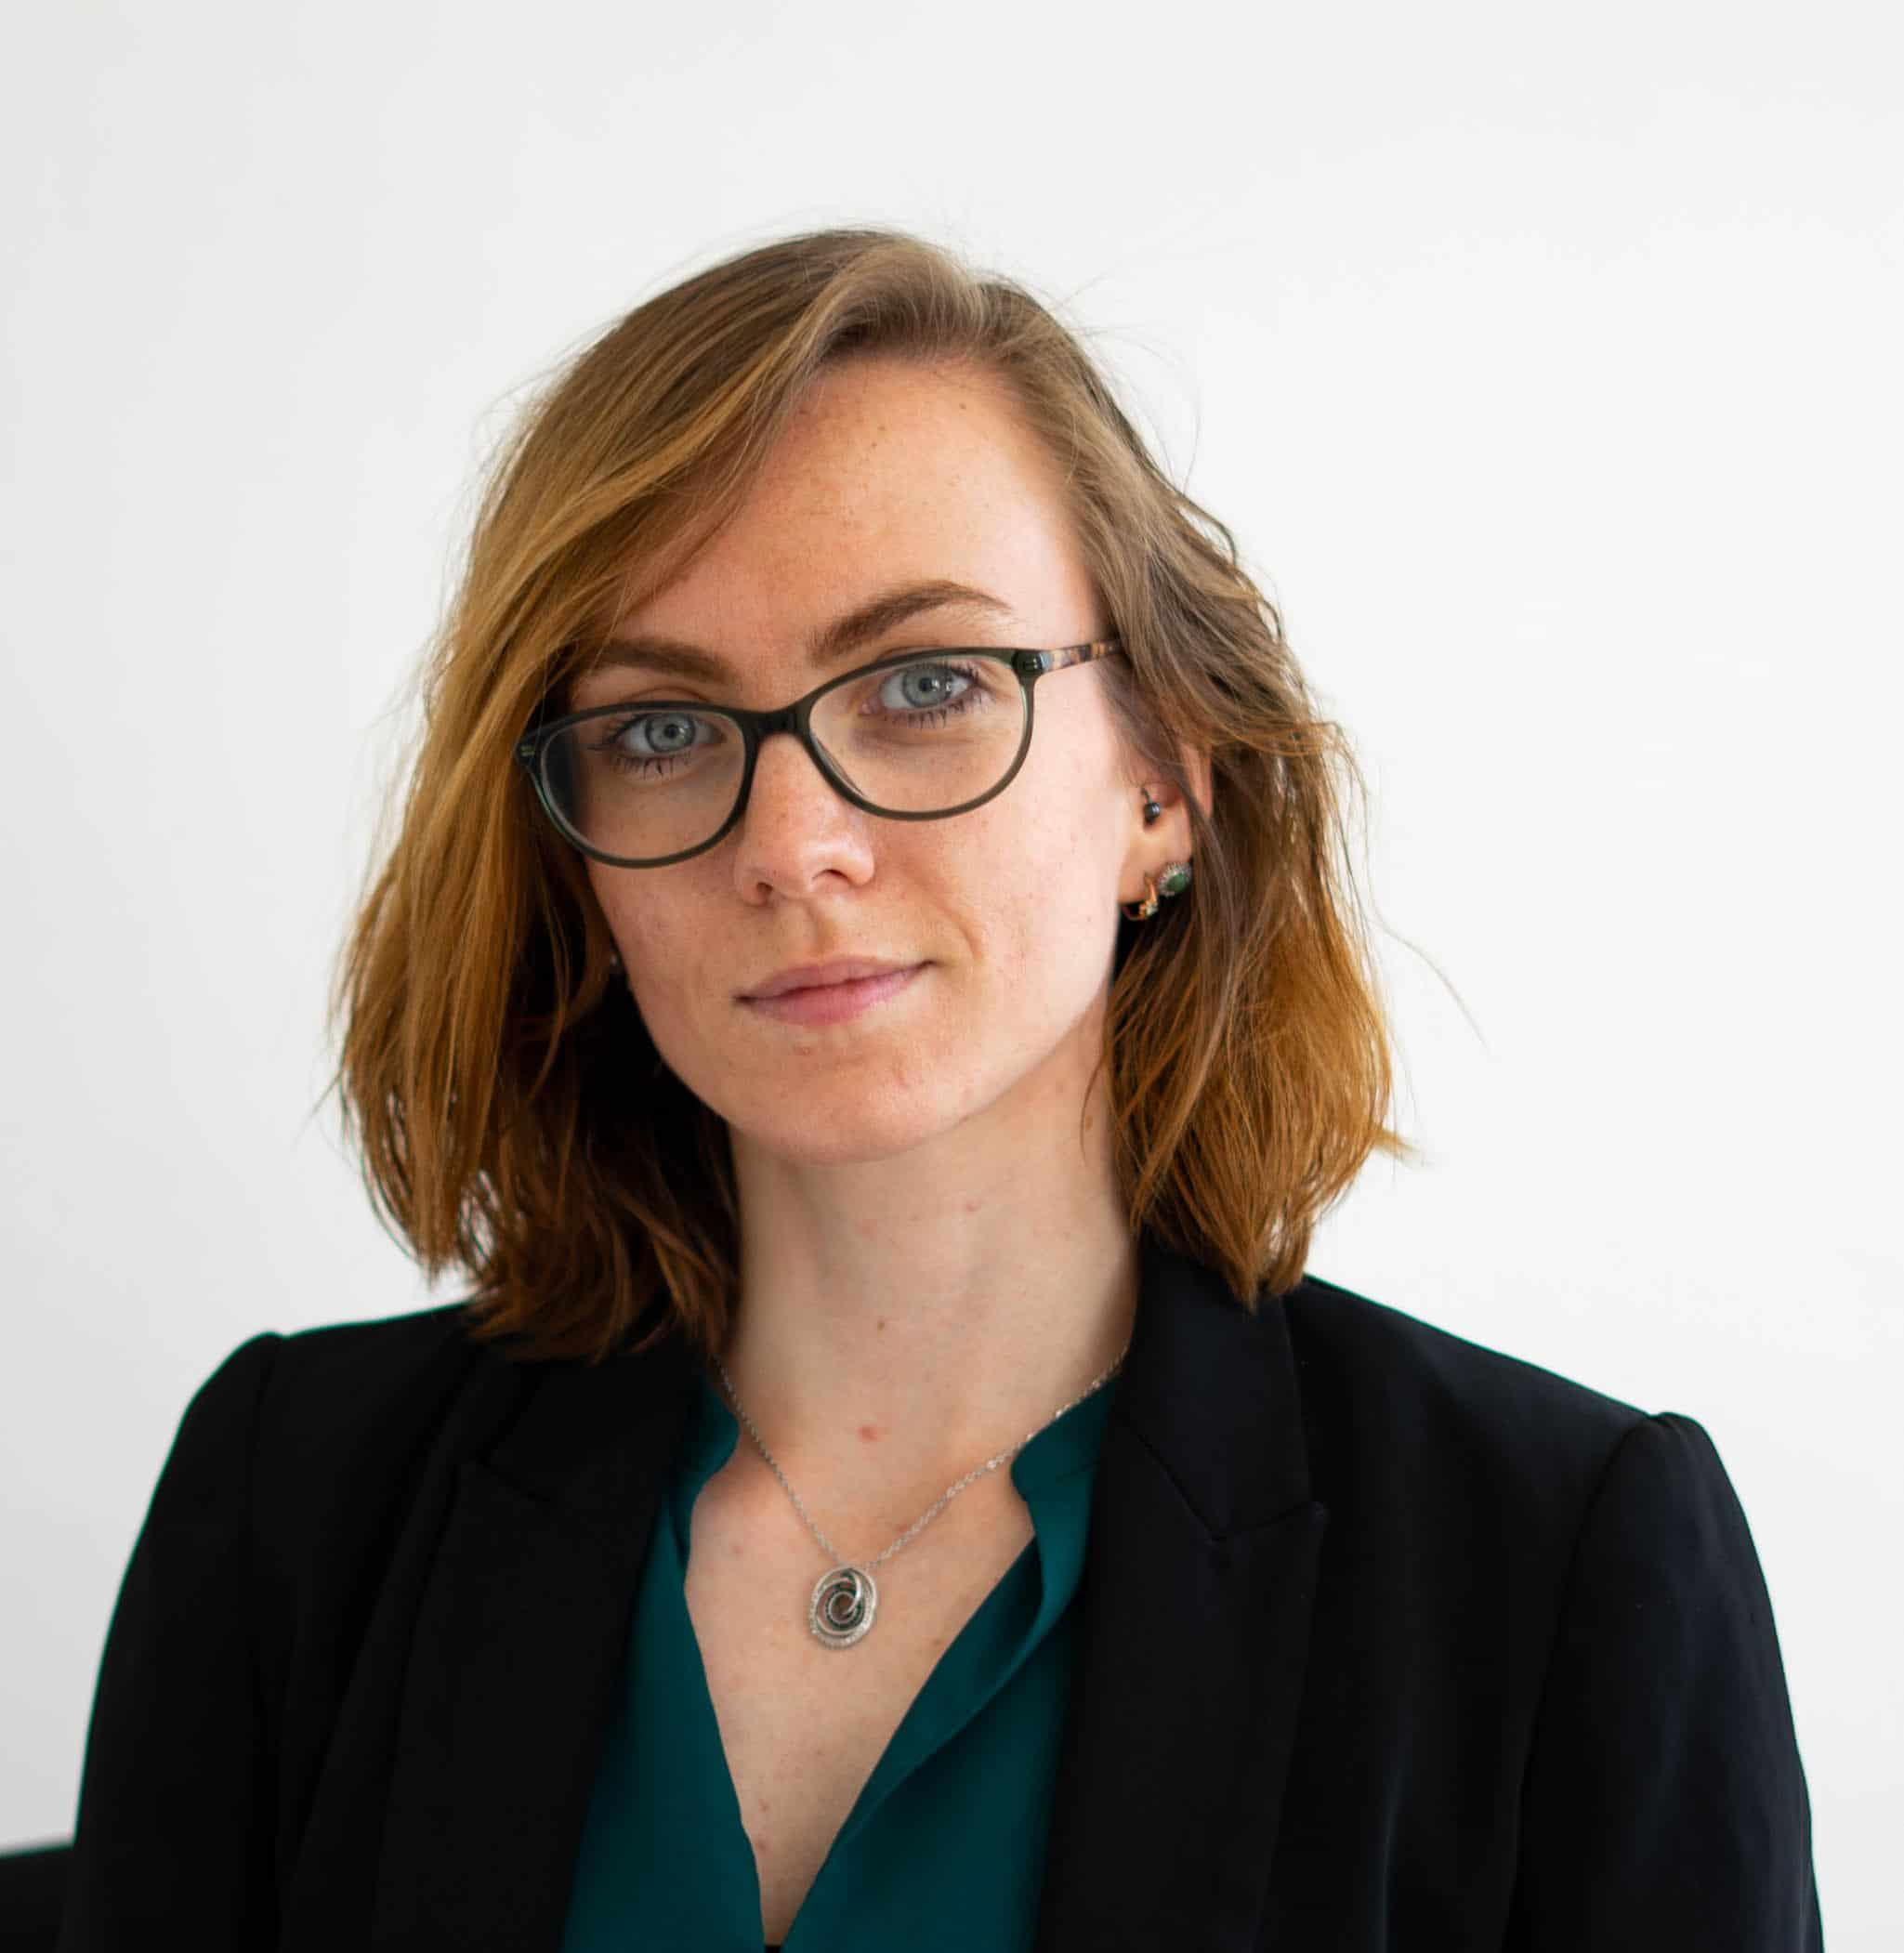 Elisabeth Squires